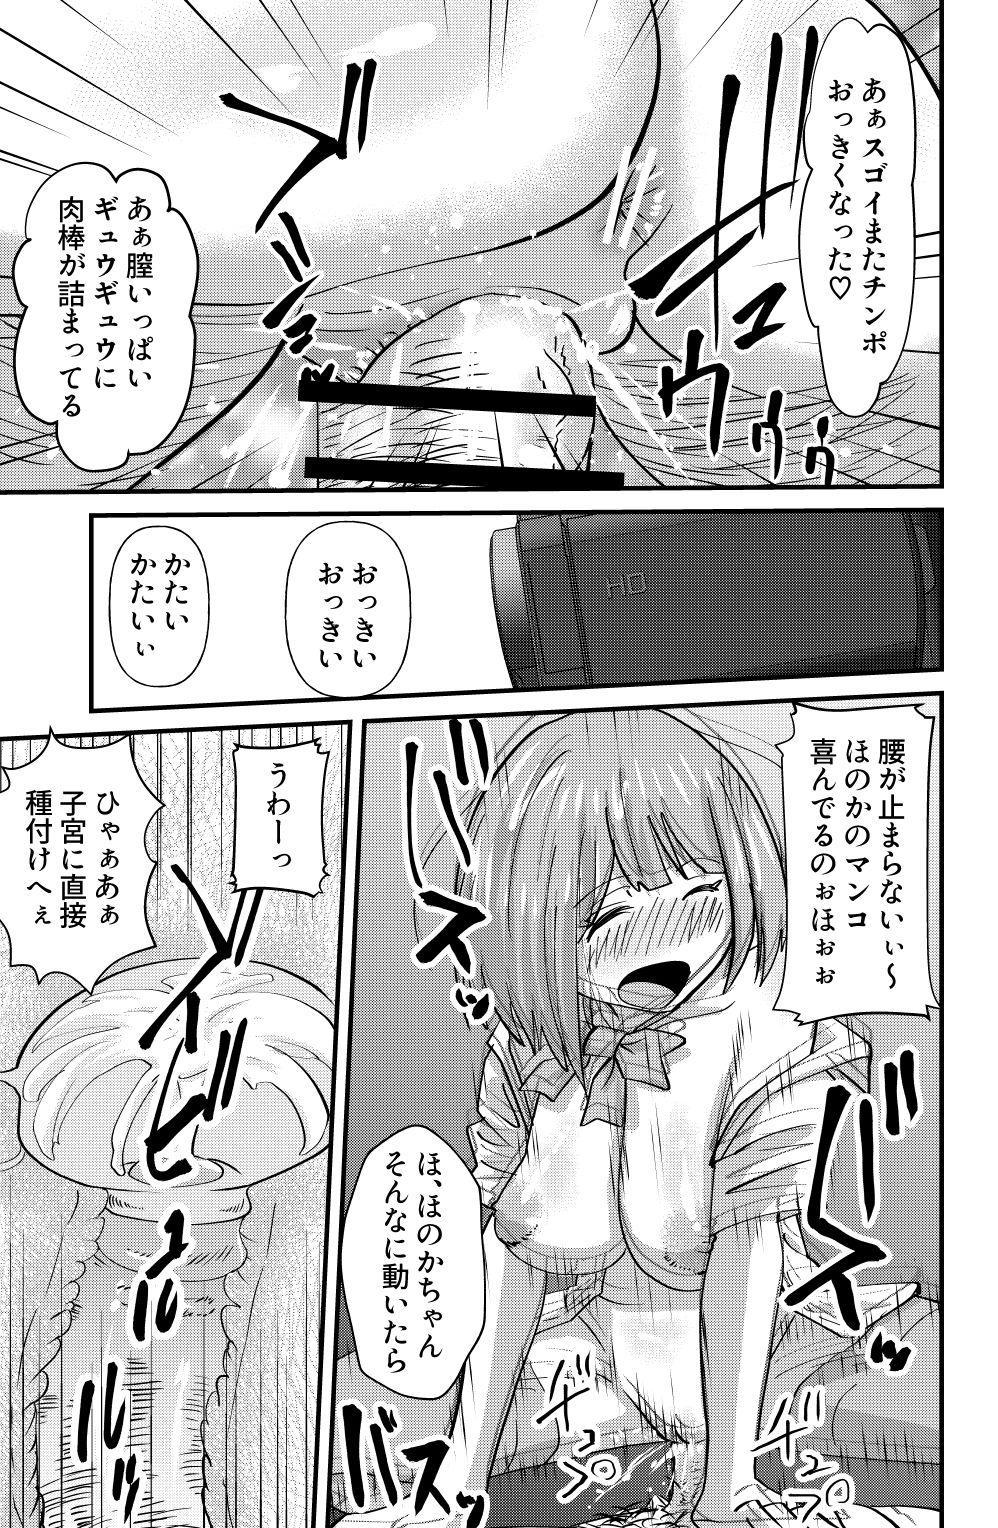 Otonashii-kei Joshi Mukai Honoka no Nichijou o Shitta Toki... 18